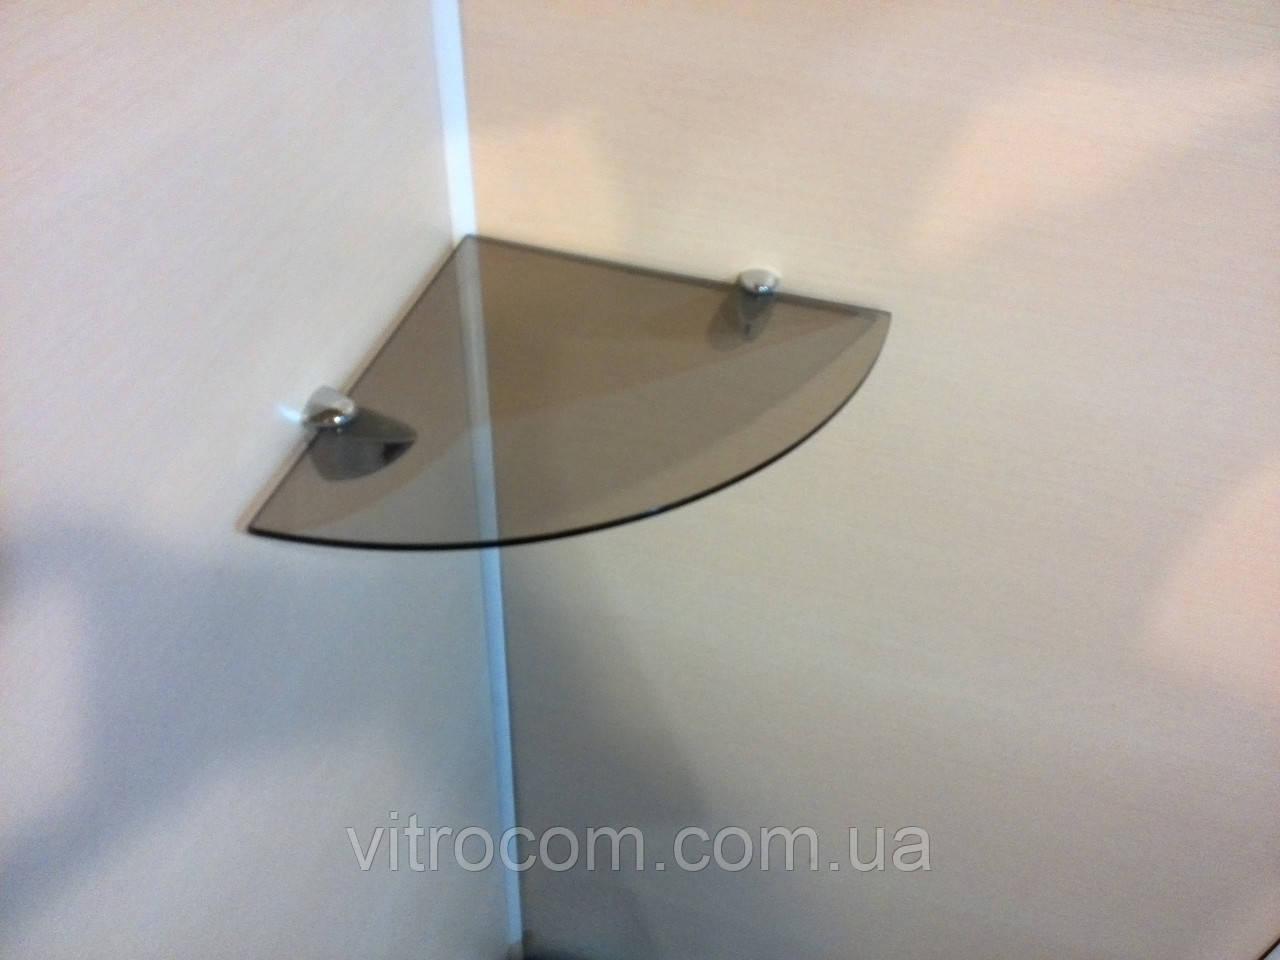 Полиця скляна кутова 5 мм бронзова 25 х 25 см